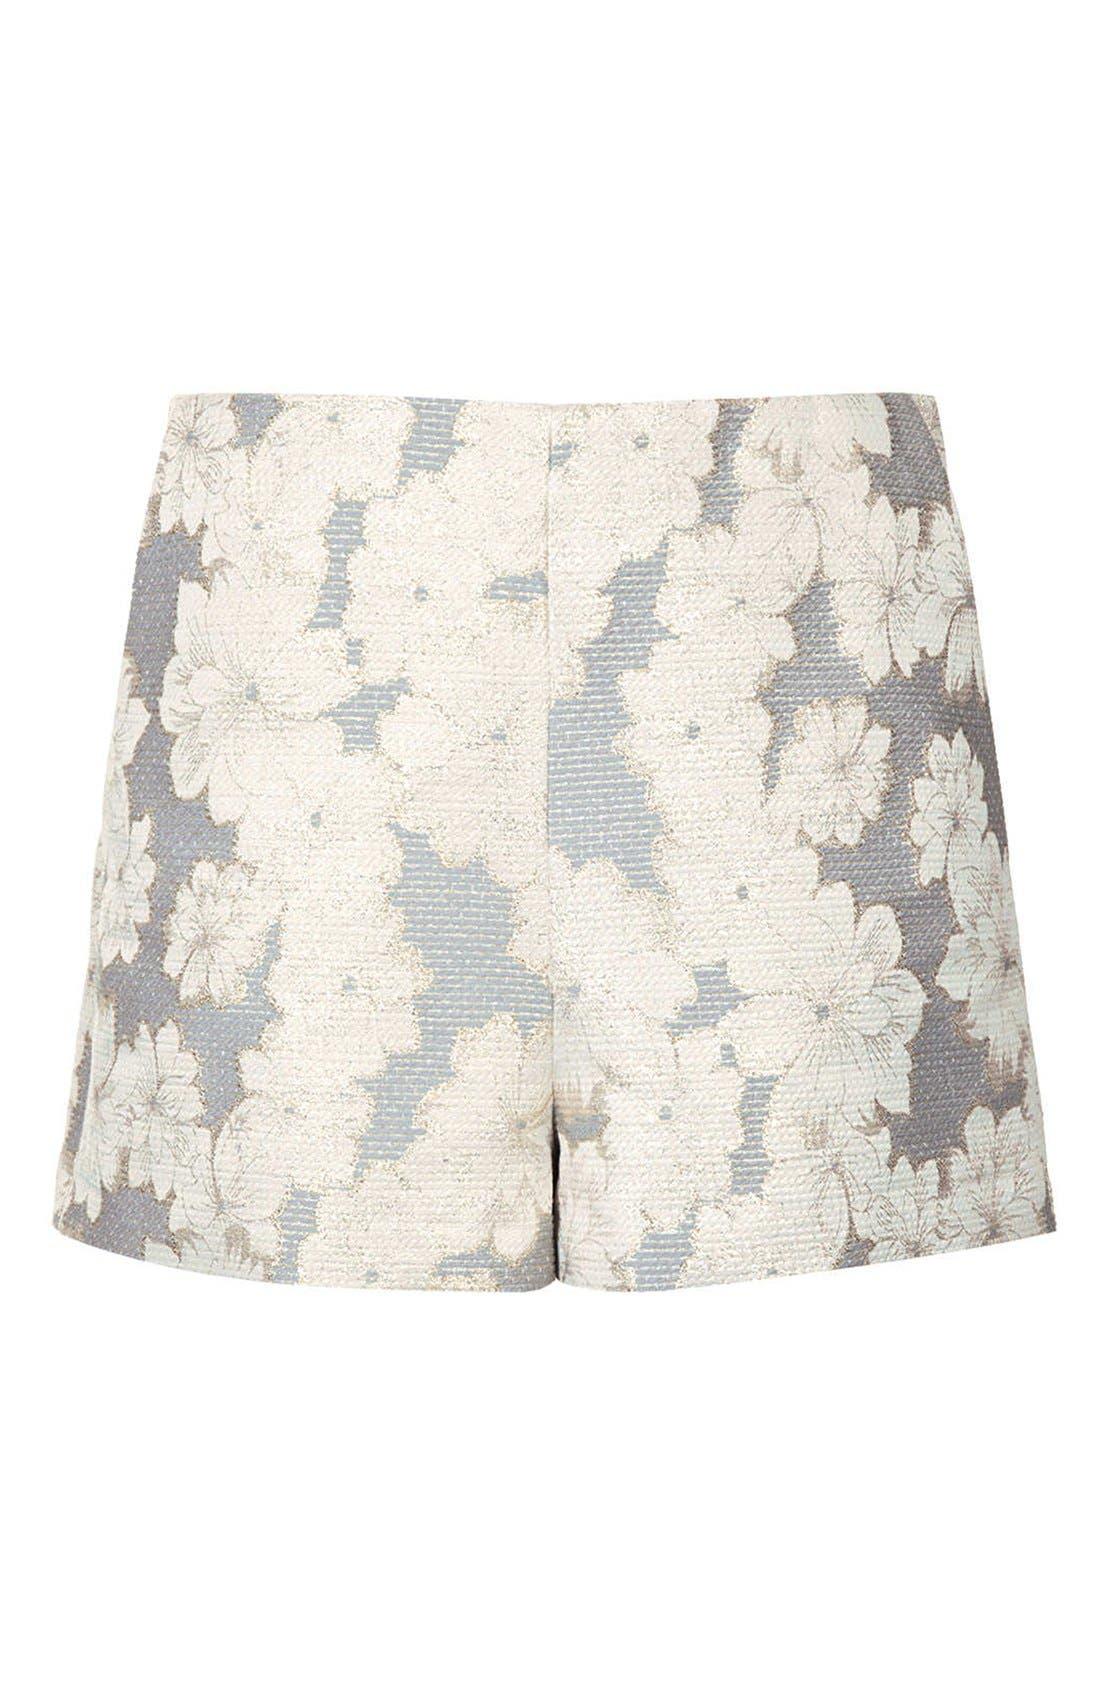 Alternate Image 3  - Topshop Metallic Floral Jacquard High Rise Shorts